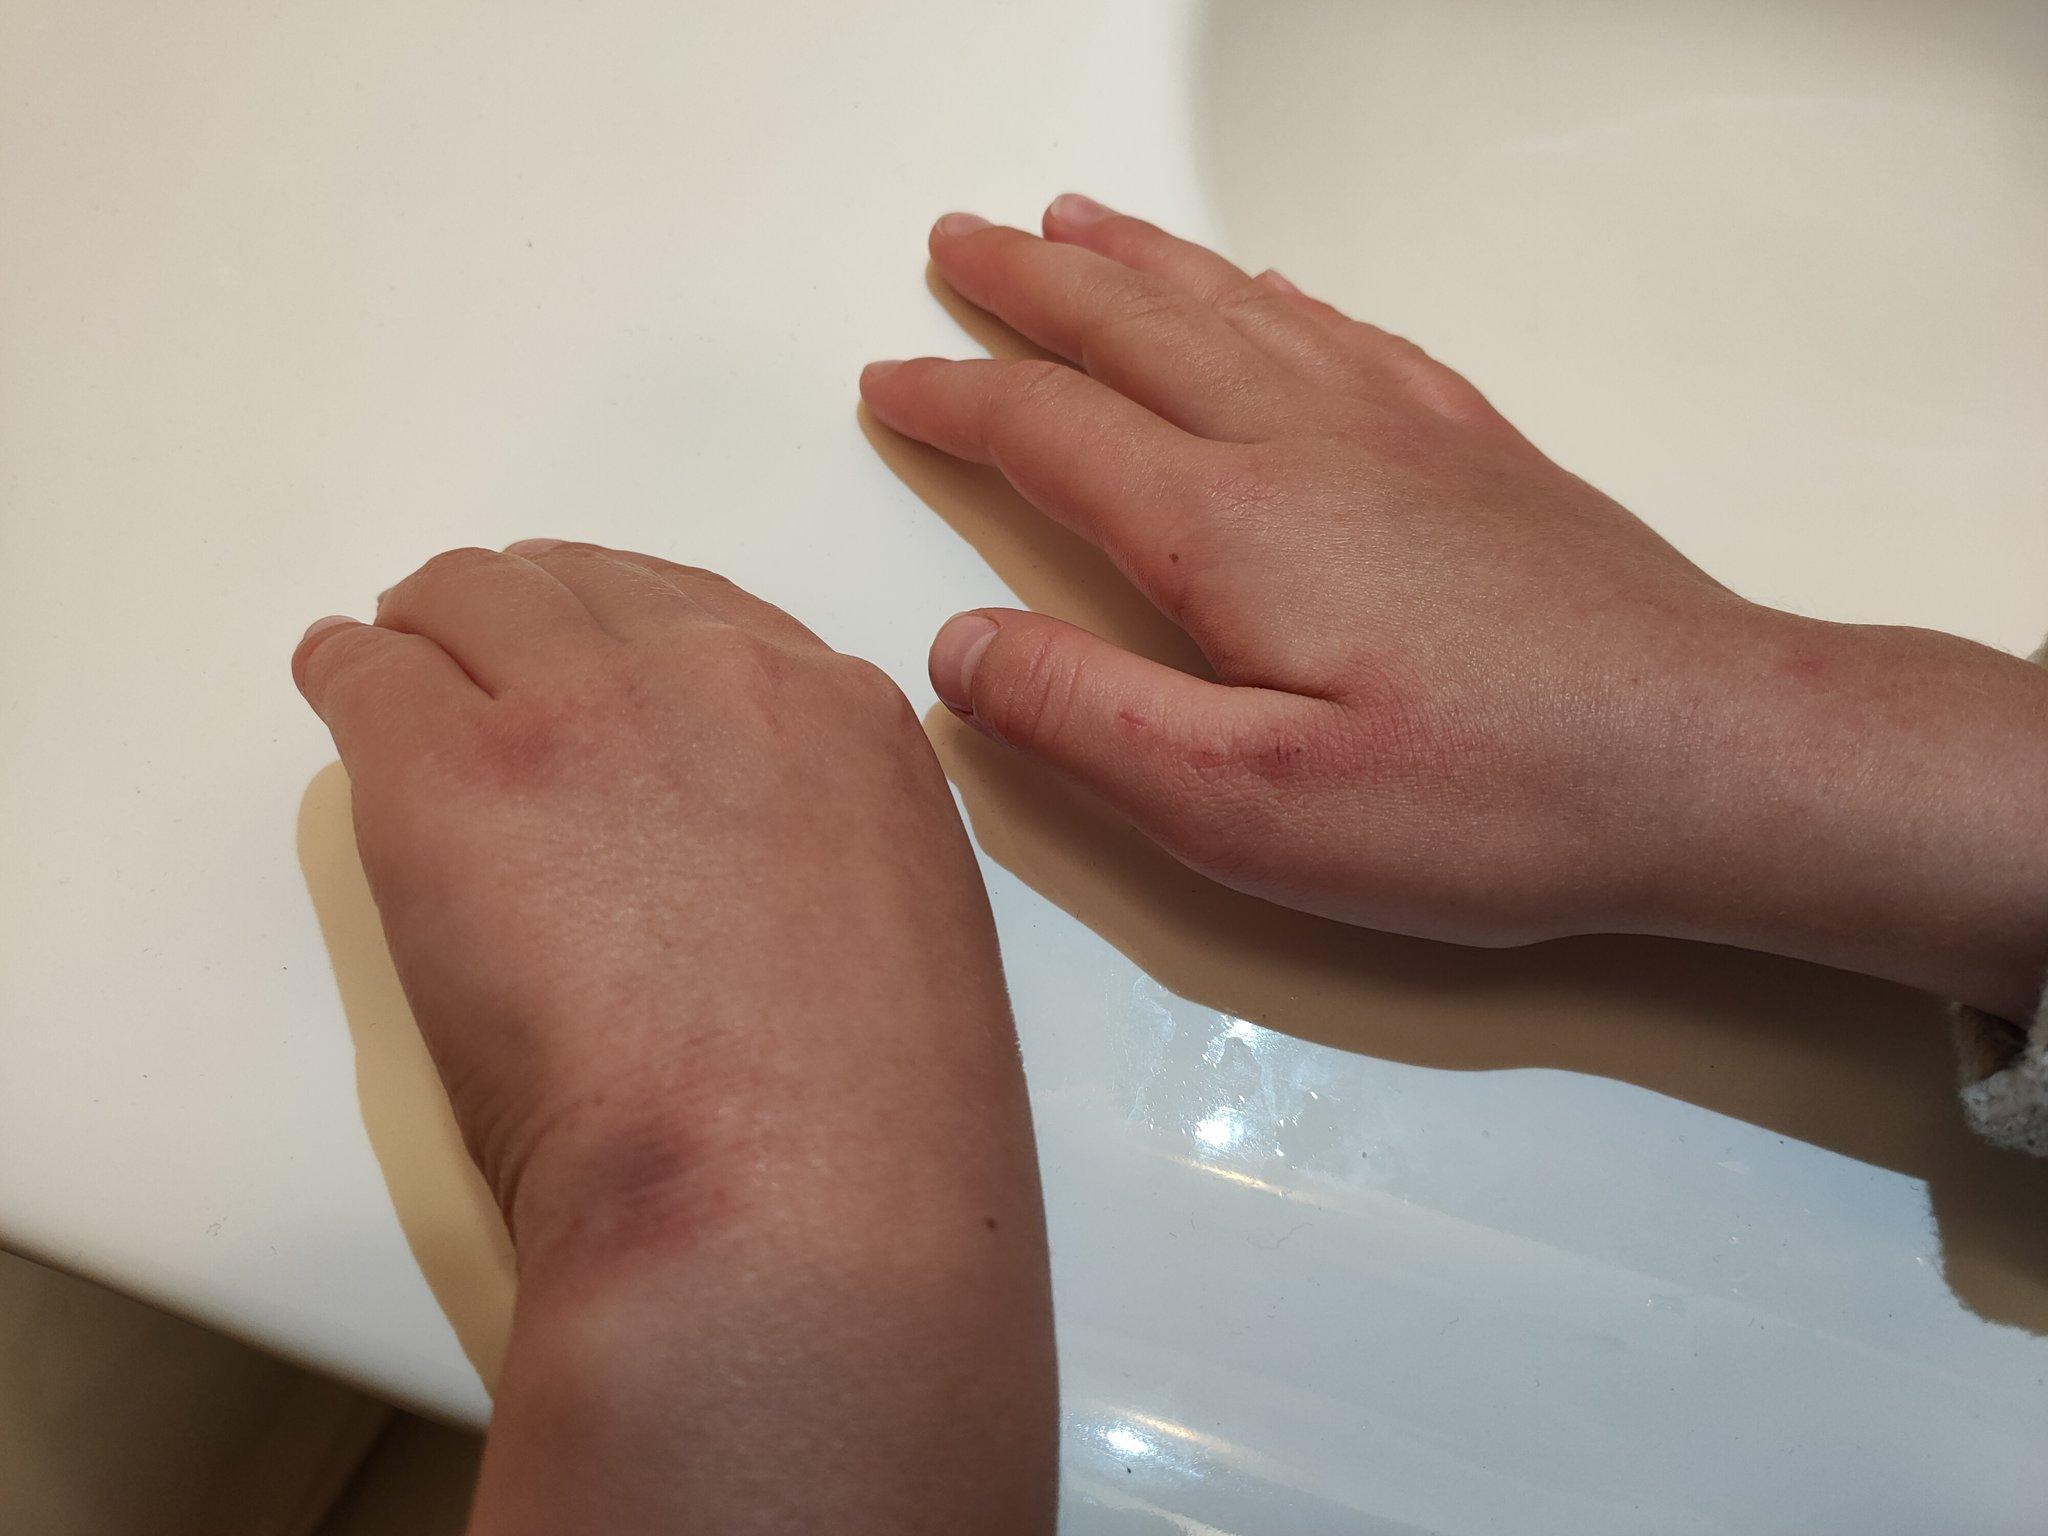 Anna Maria Siarkowska pokazała zdjęcie rąk córki